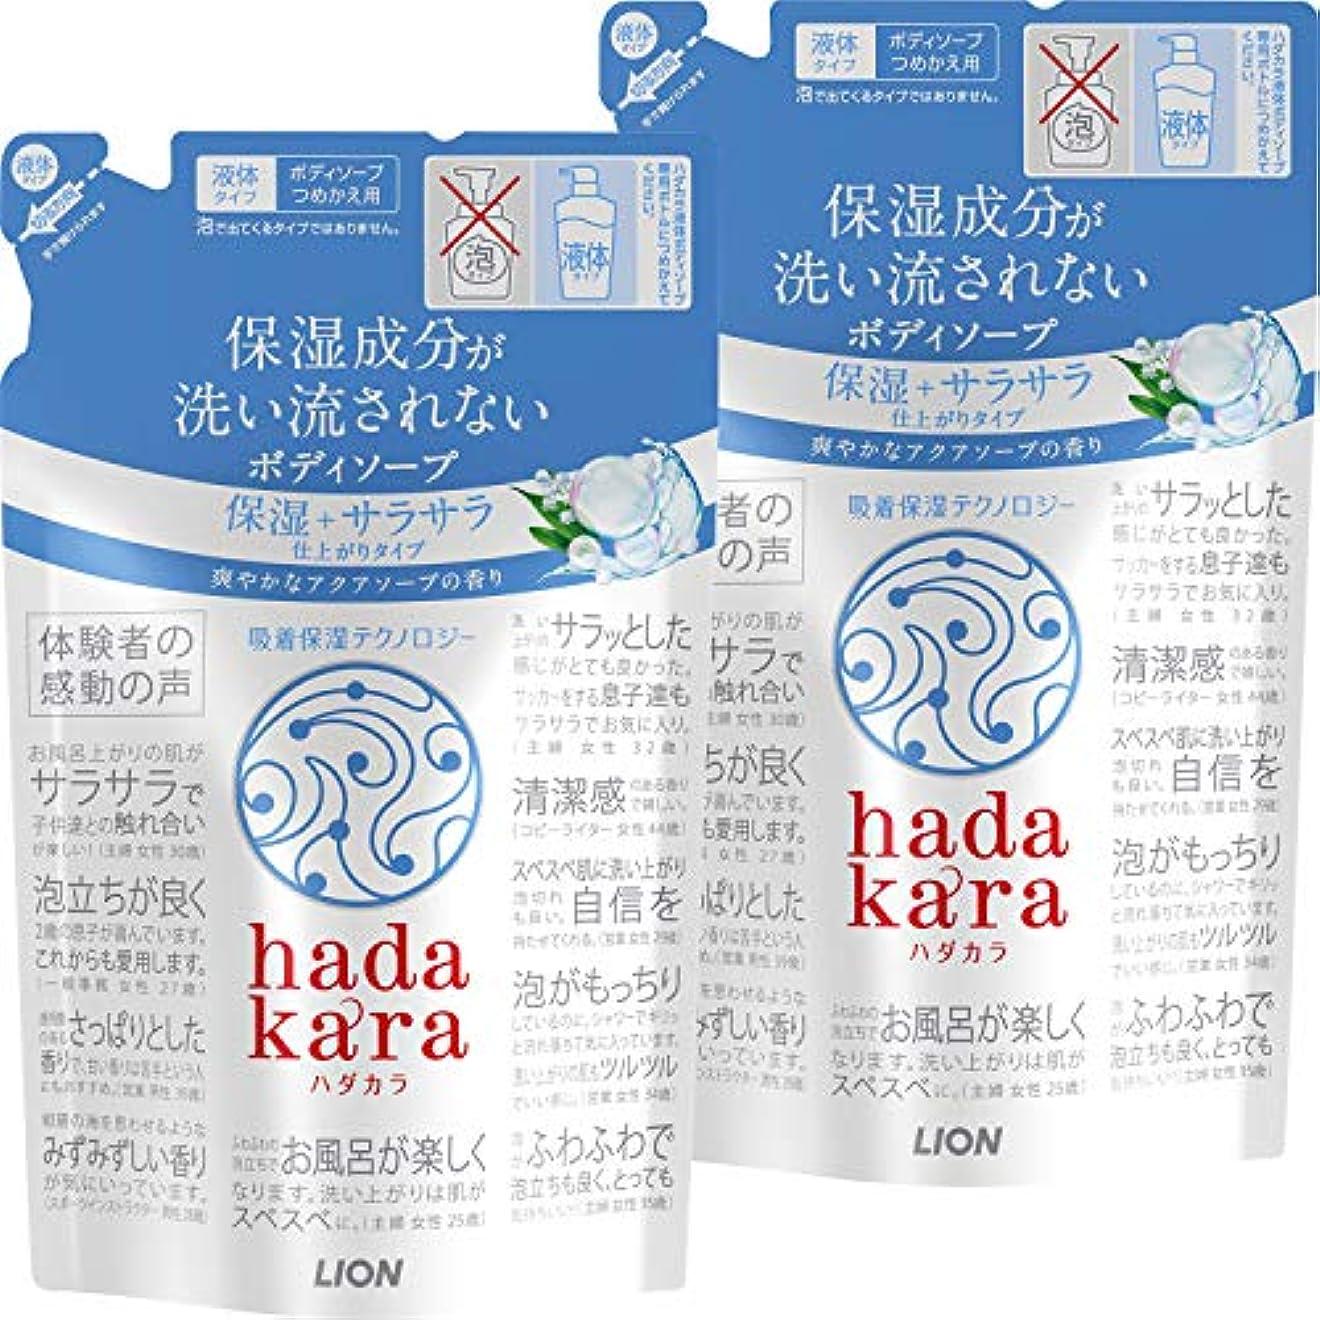 テンション利得わずらわしいhadakara(ハダカラ)ボディソープ 保湿+サラサラ仕上がりタイプ アクアソープの香り つめかえ用 340ml×2個パック